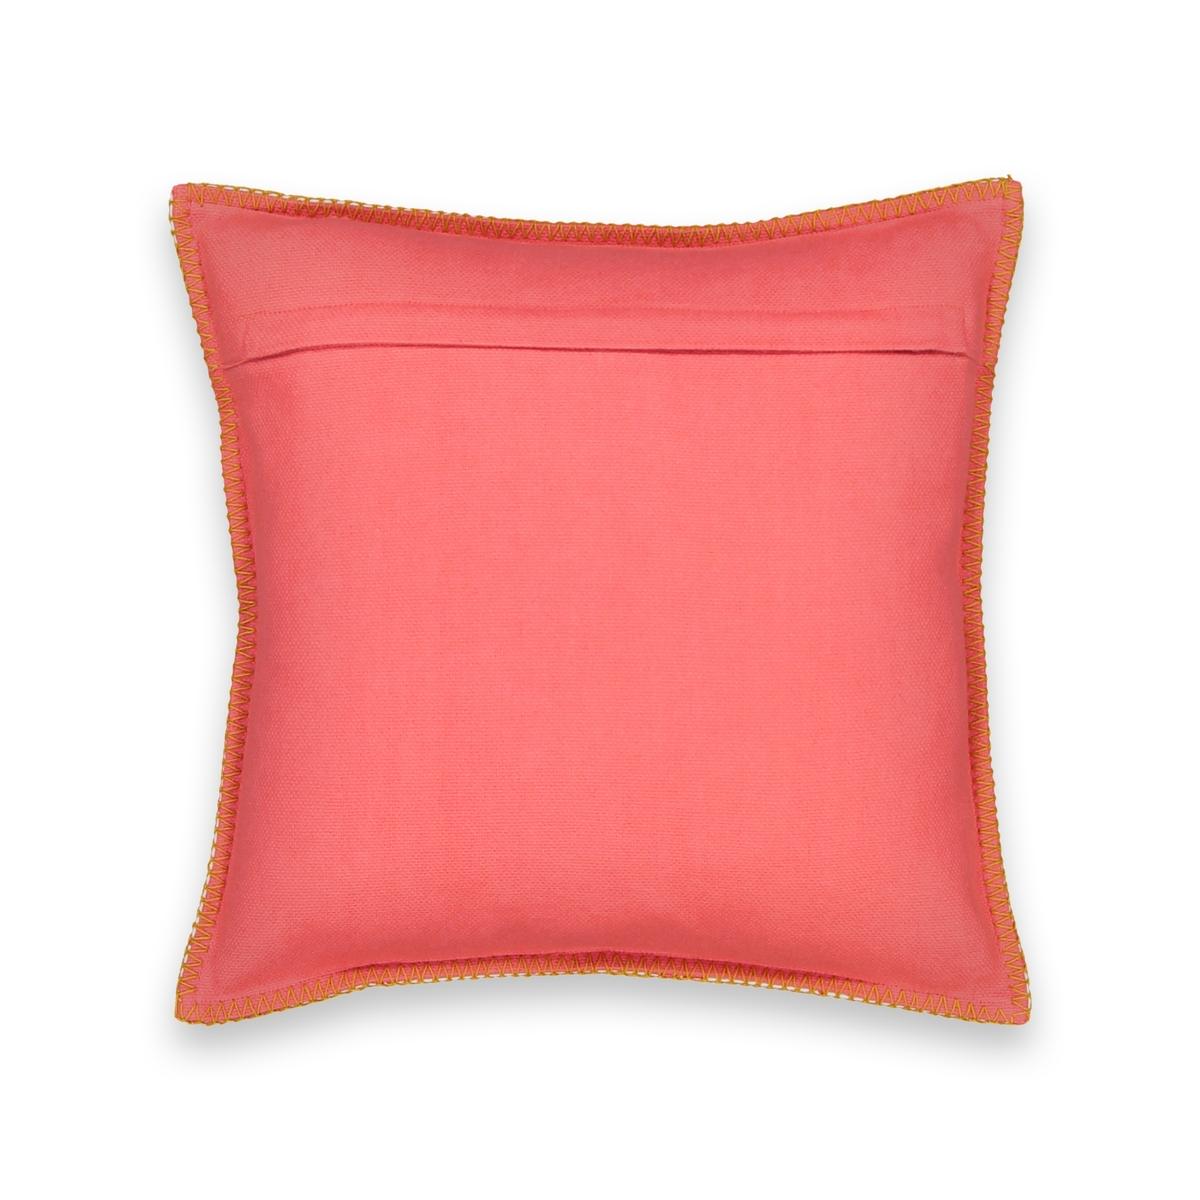 Чехол для подушки с рисунком PANAMAЧехол для подушки с рисунком Panama. Геометрический узор добавит графичную и богемную нотку вашему интерьеру!Характеристики чехла для подушки Panama :100% хлопок.Лицевая сторона с геометрическим рисунком, оборотная сторона однотонного кораллового цветаОтделка кантом контрастного цветаЗастежка на молнию .Размеры чехла для подушки Panama: 40 x 40 см Найдите весь декор Panama на сайте laredoute .<br><br>Цвет: коралловый